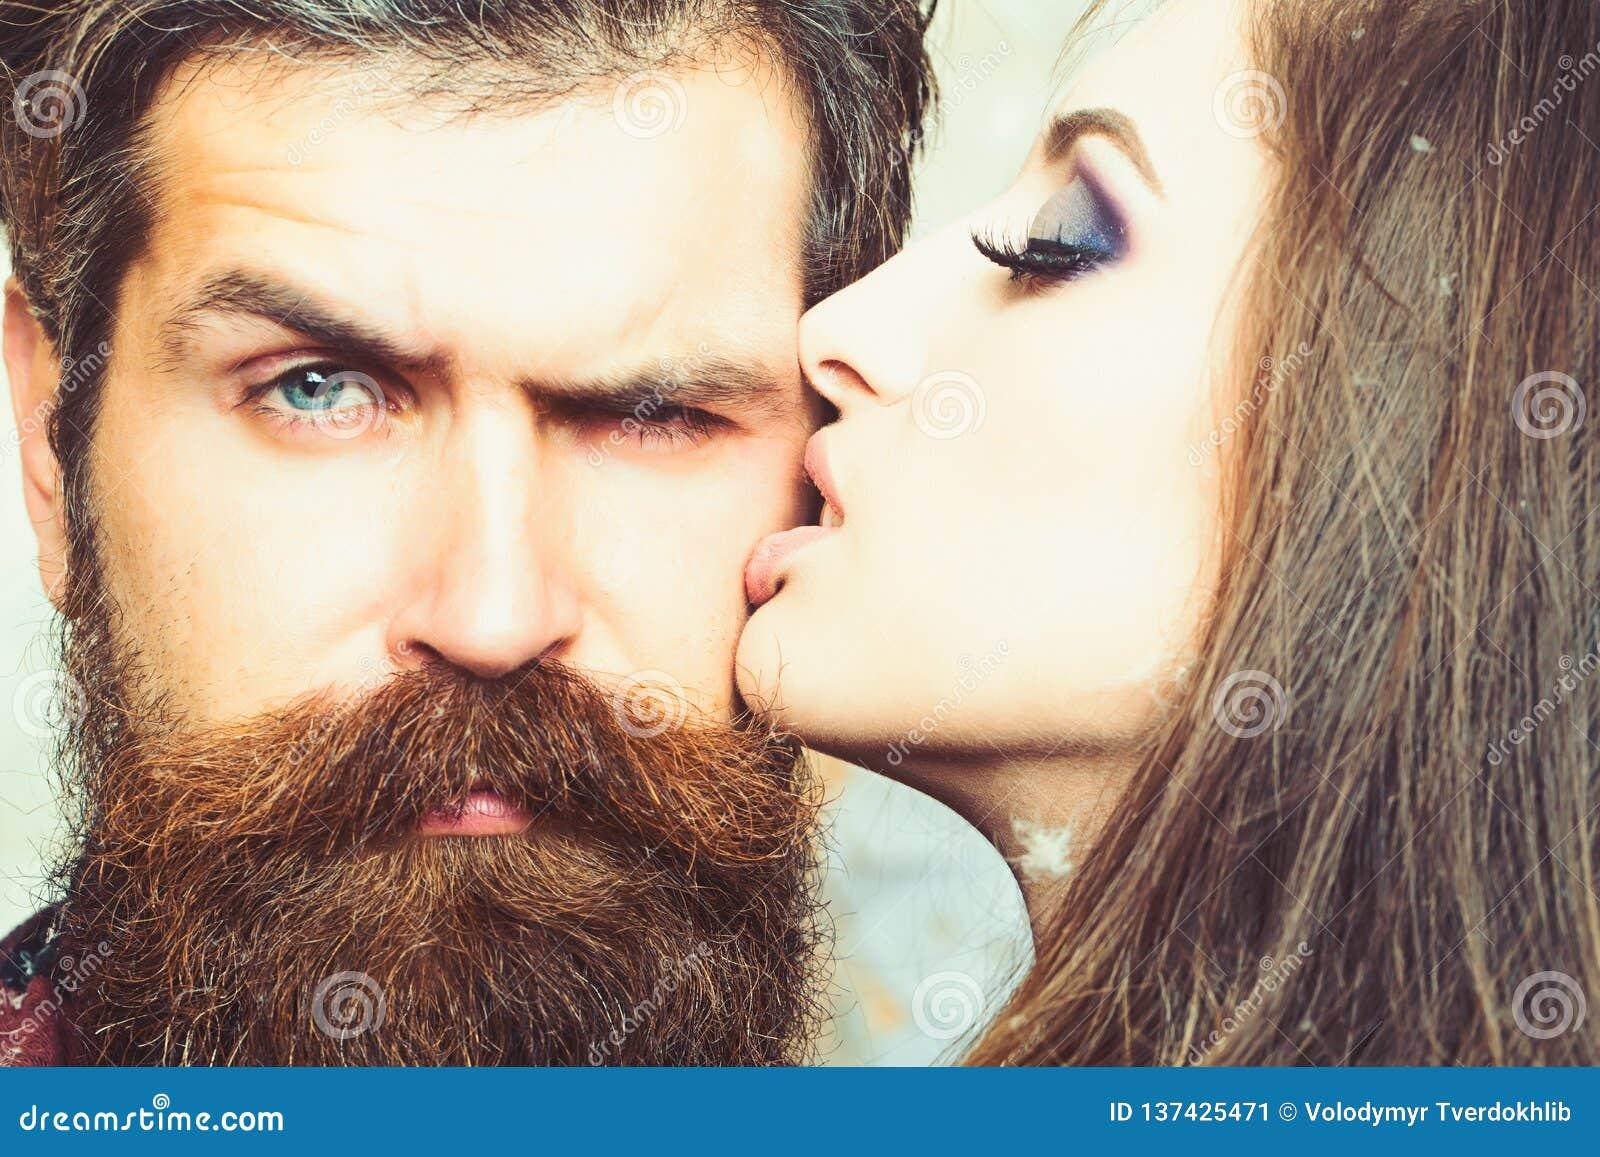 Baisers amoureux homme cheveu blanc [PUNIQRANDLINE-(au-dating-names.txt) 42